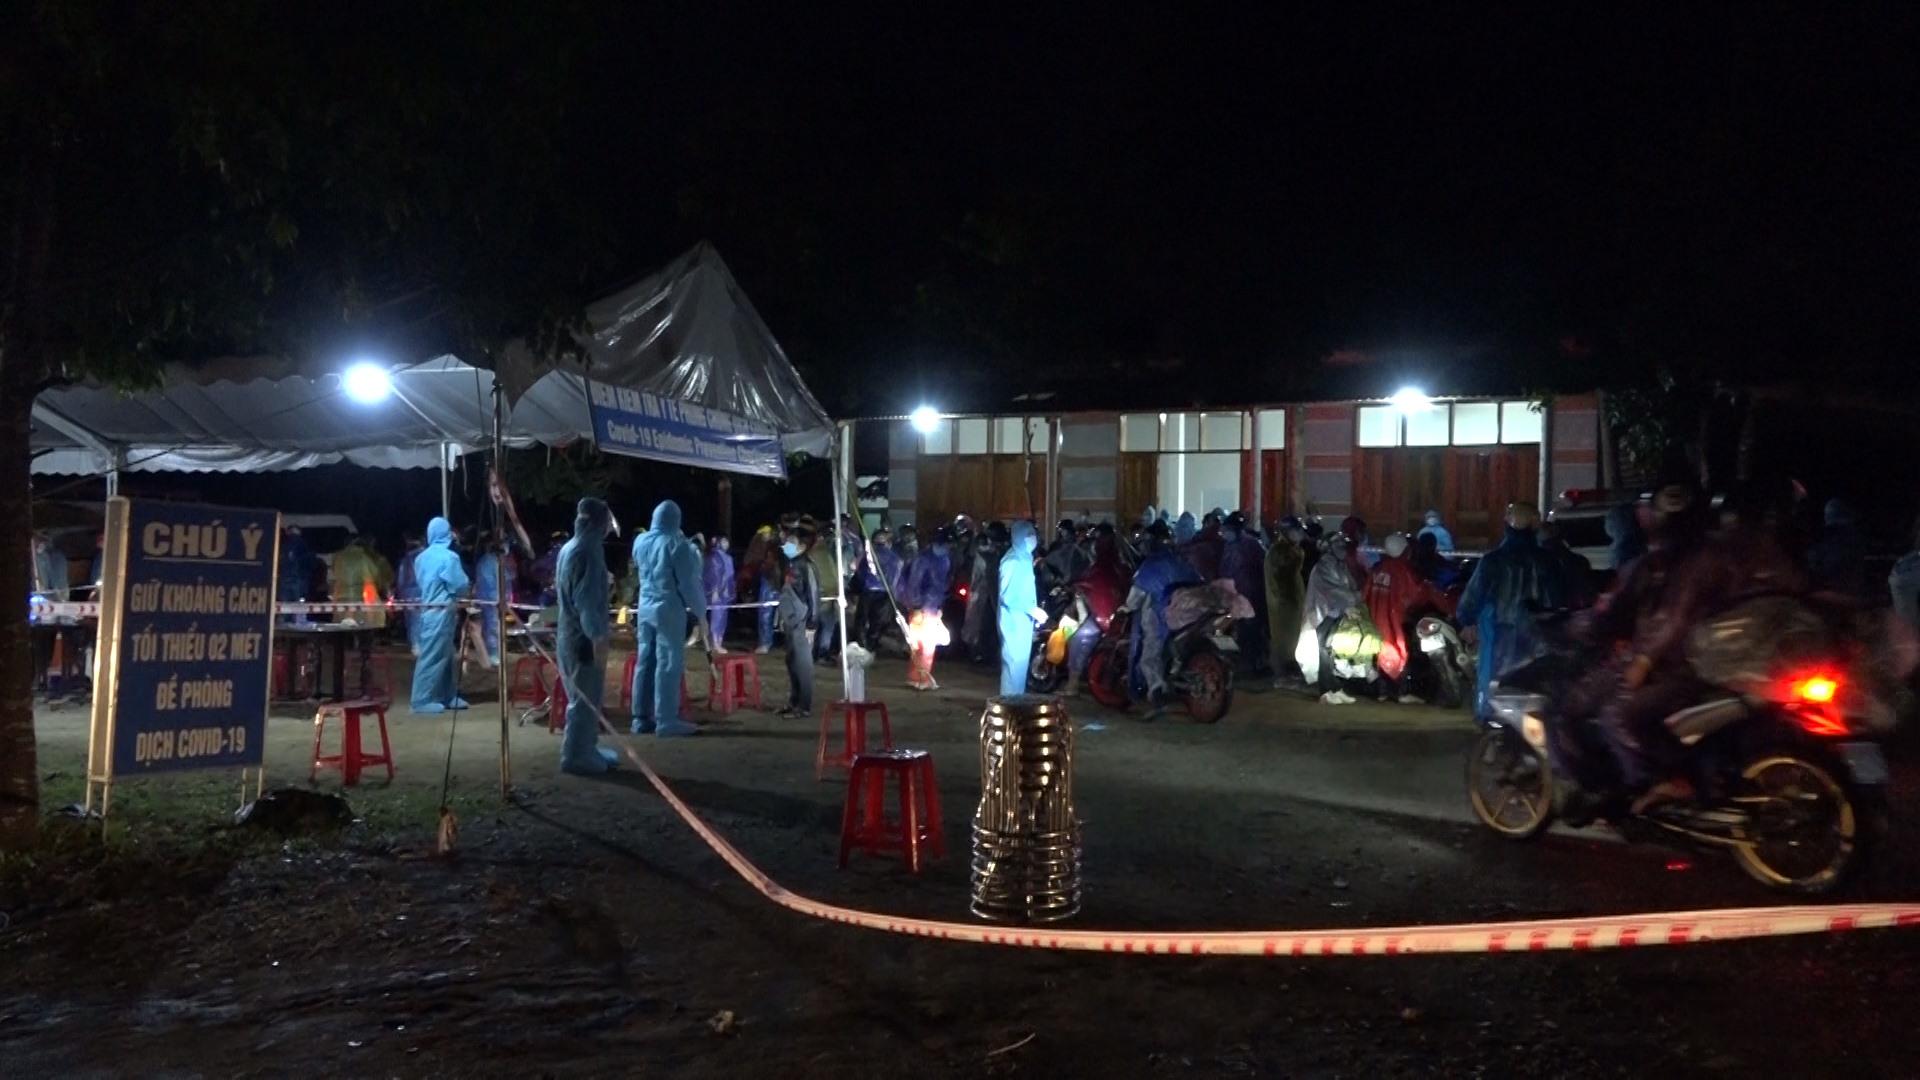 Đoàn người tiếp tục về quê chờ khai báo tại trạm đèo Lò Xo.